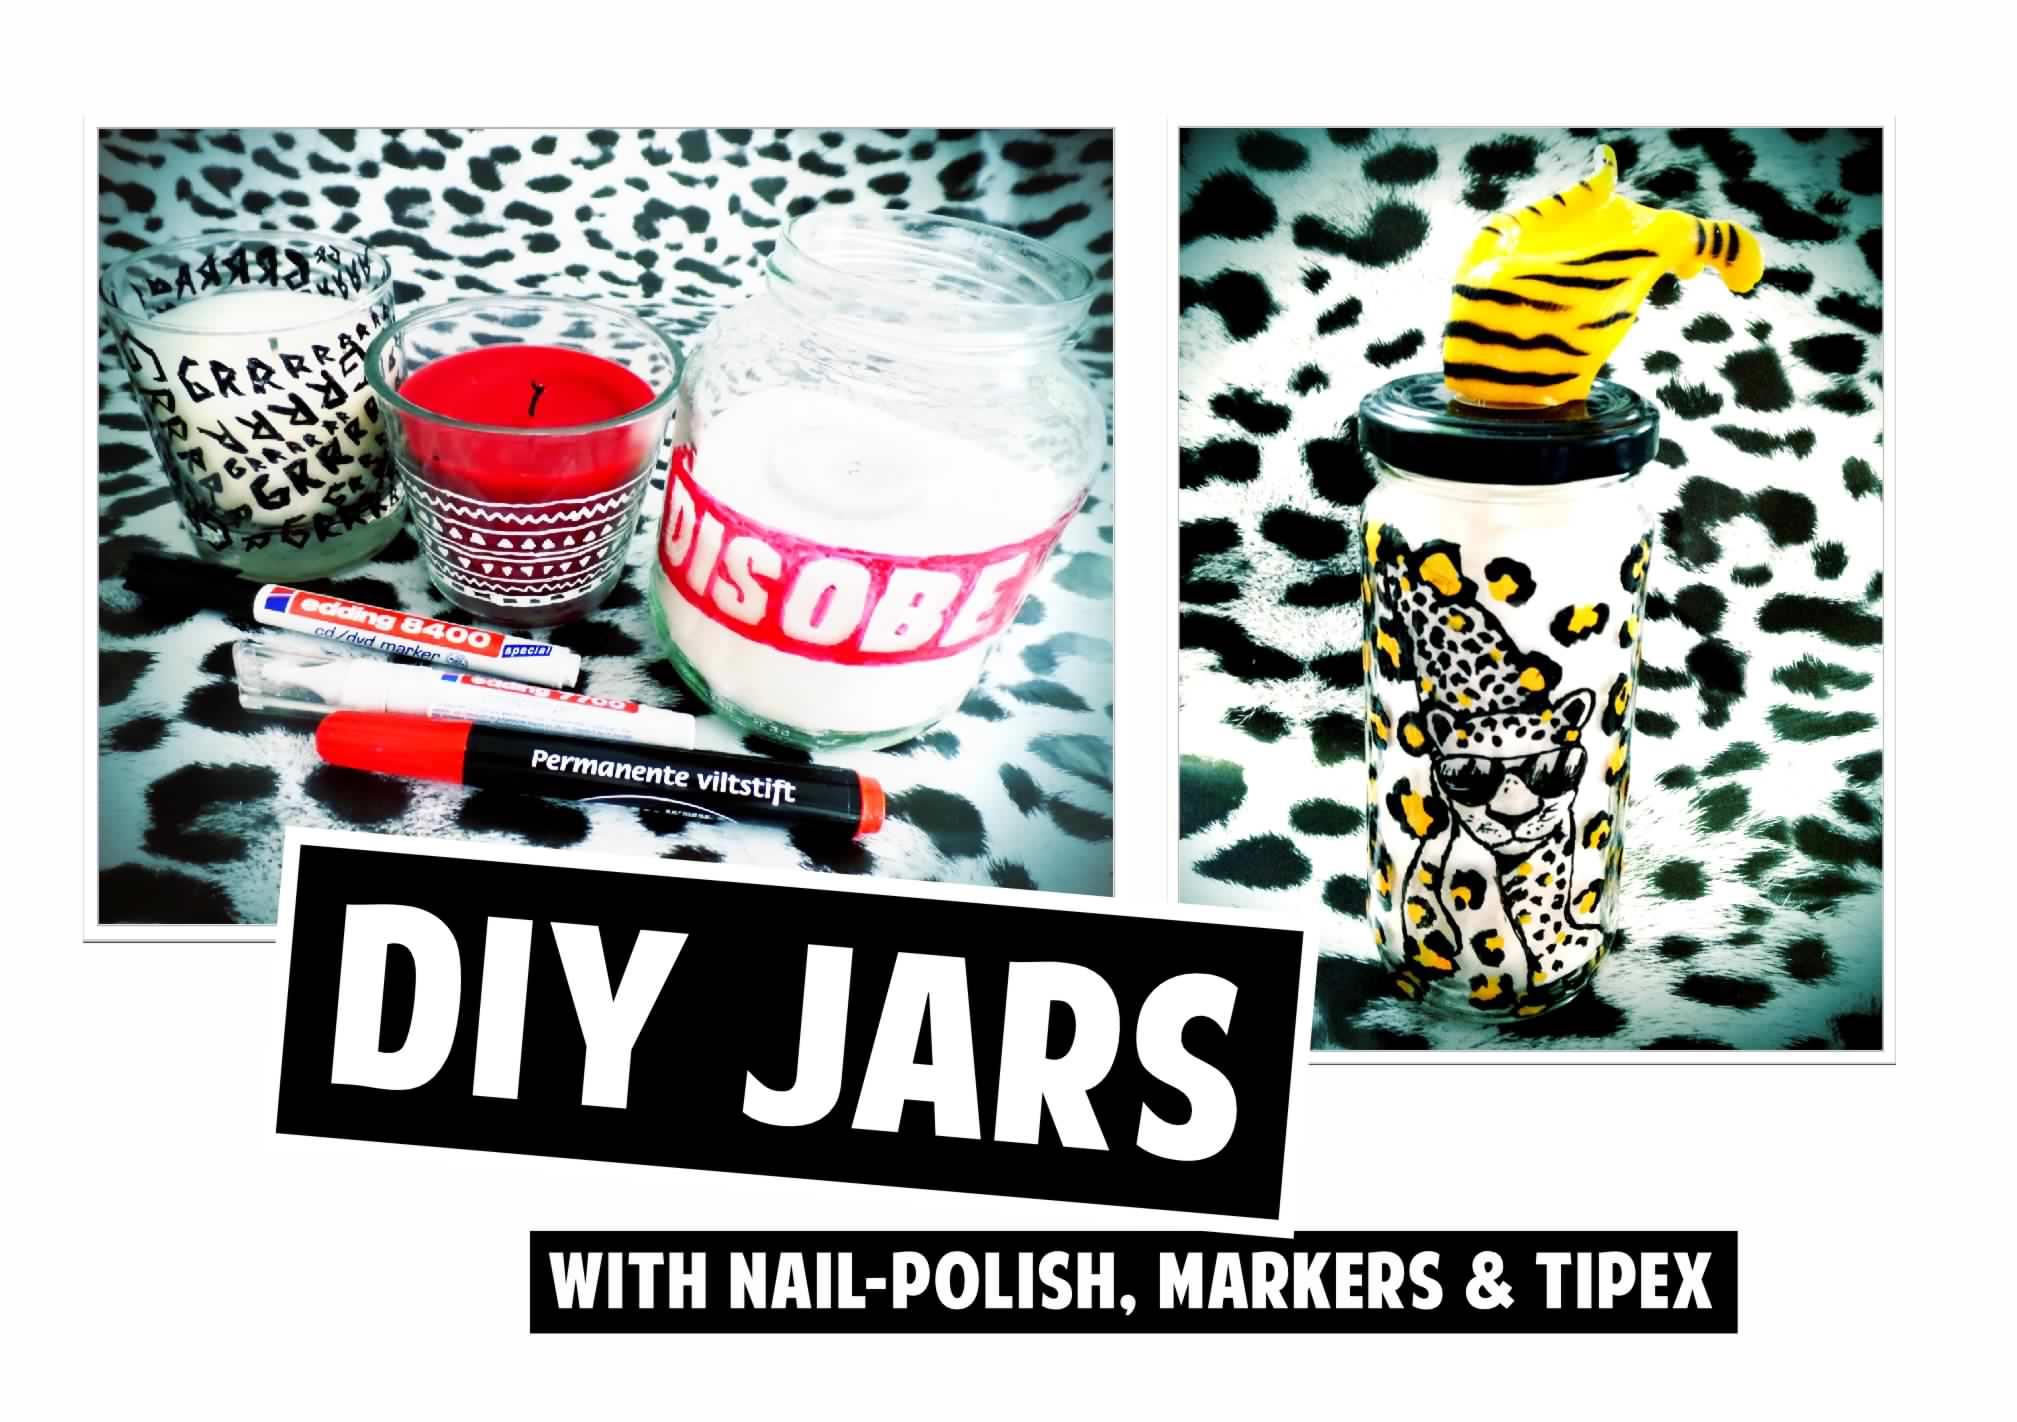 DIY jars.jpg